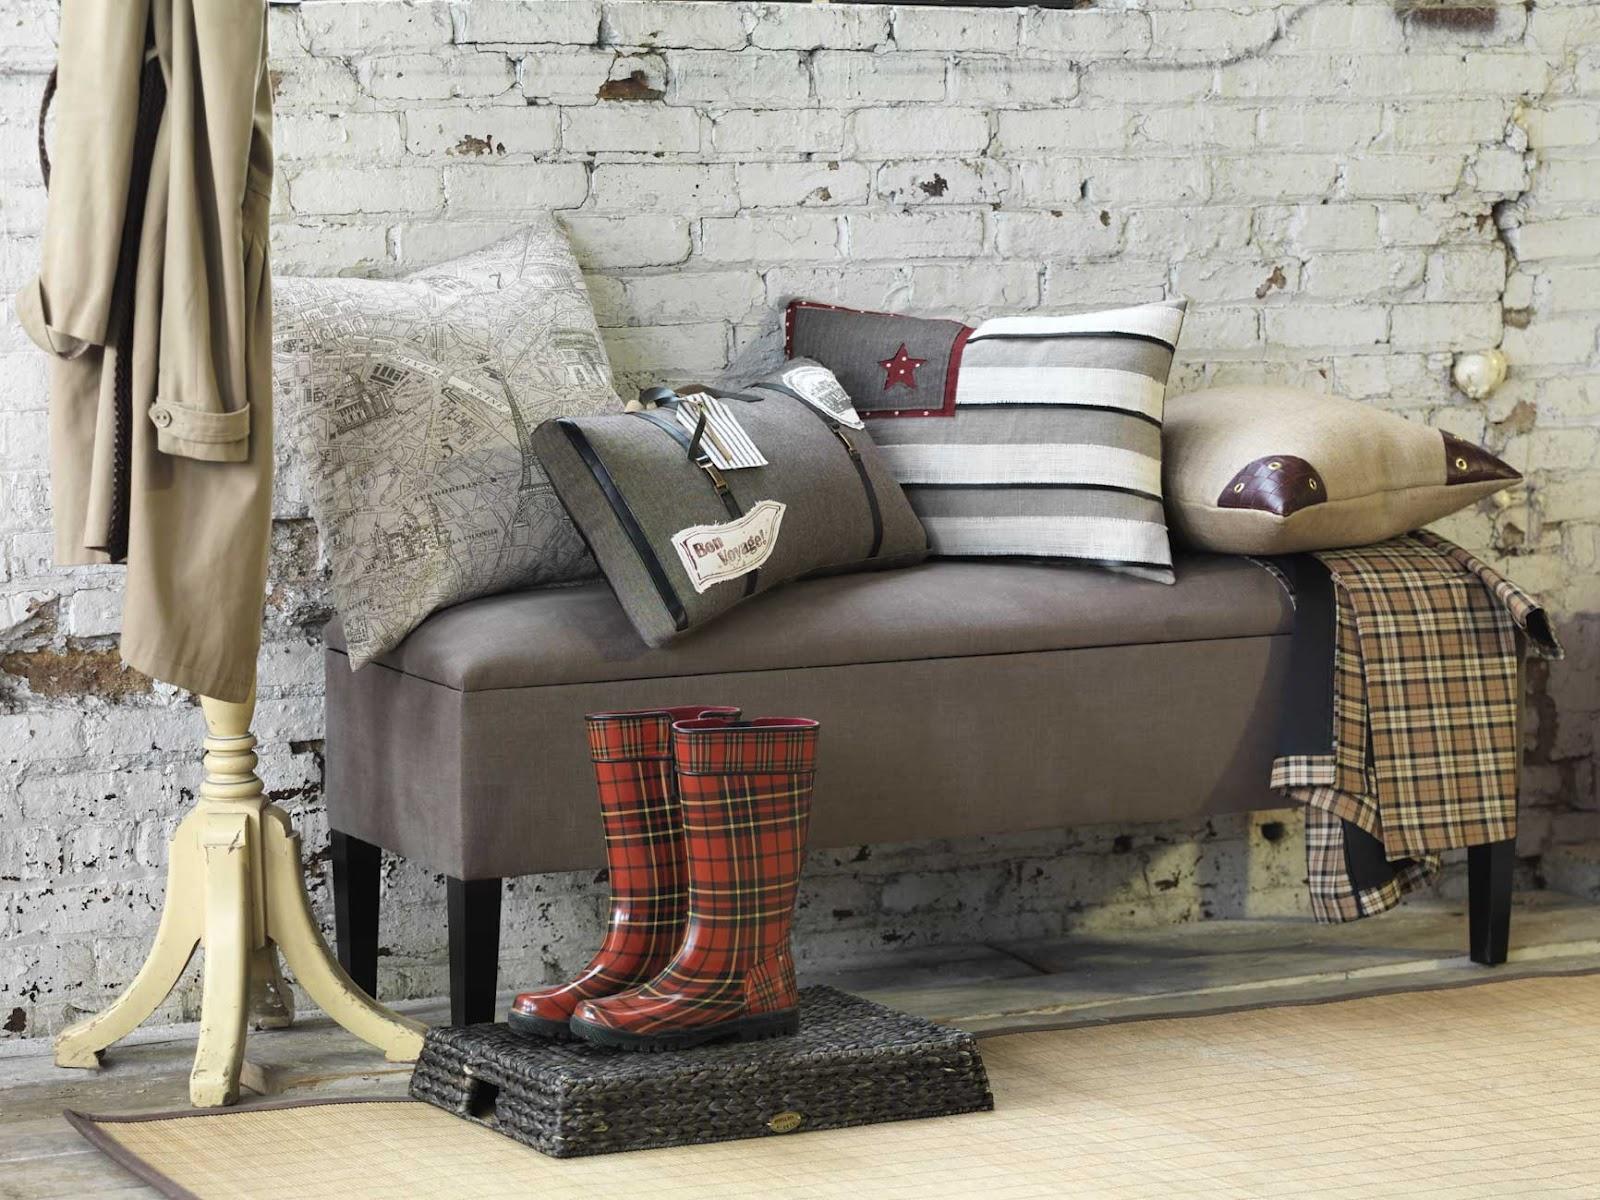 almofadas decorativas espaços pequenos